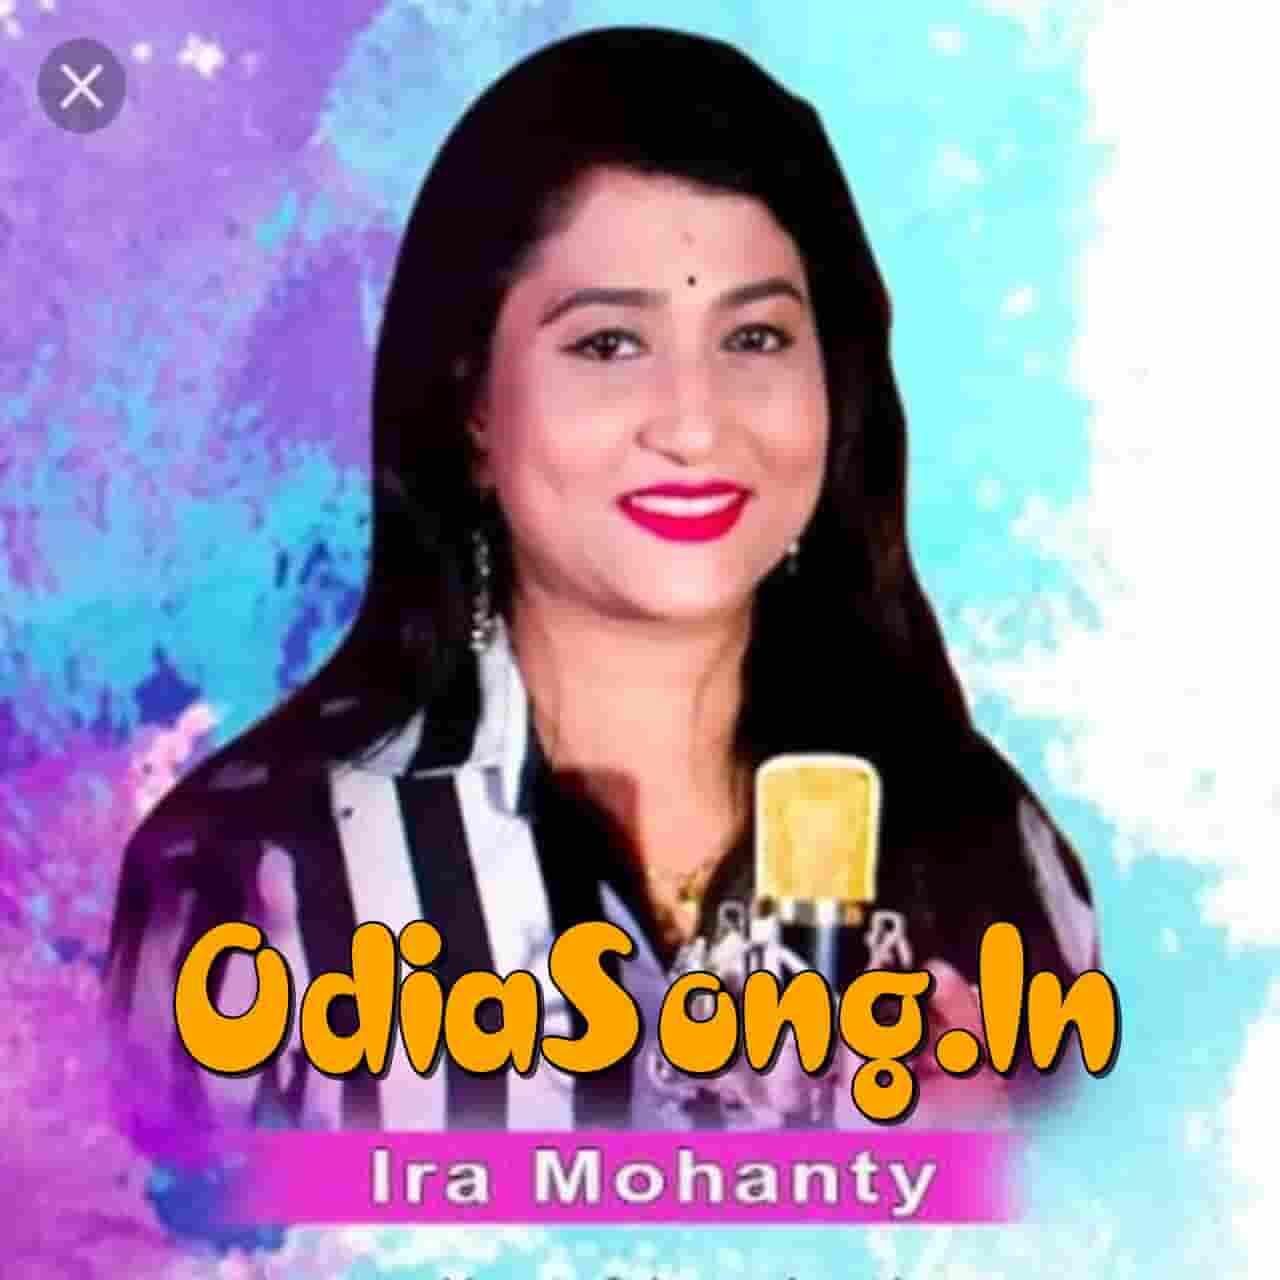 Kia Se Pariba Godei - Odia Bhajan (Ira Mohanty)